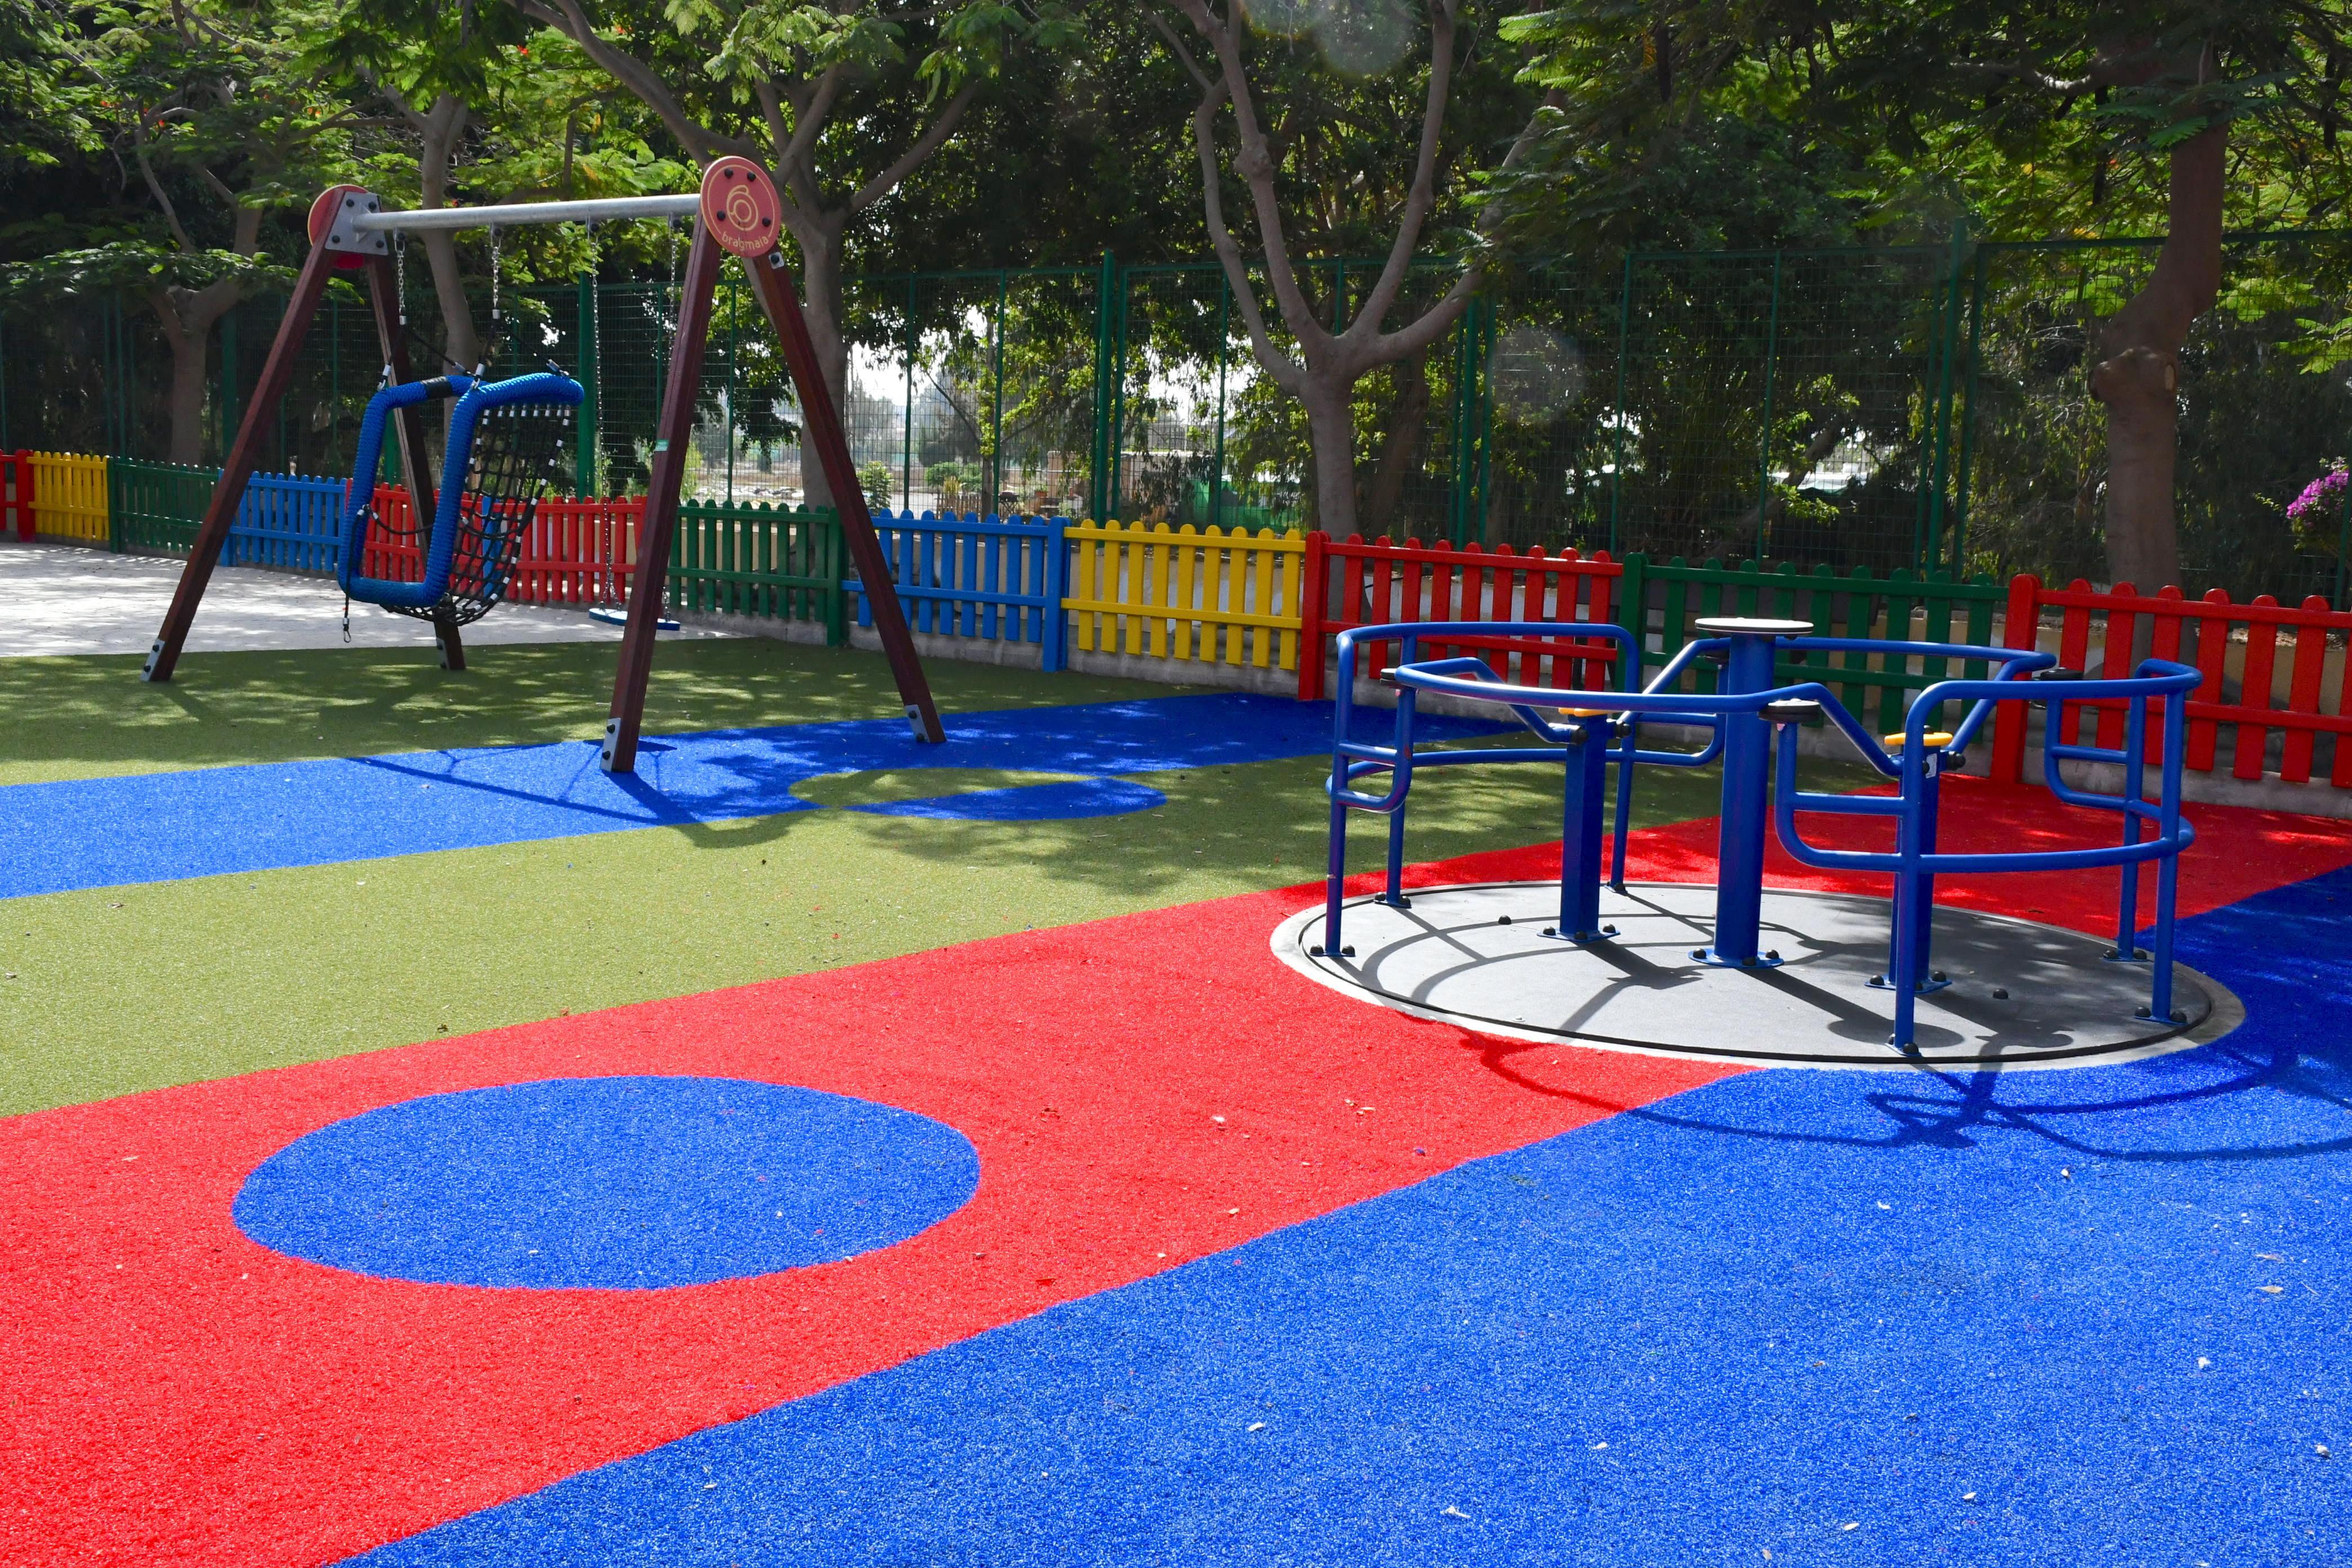 Los parques infantiles de Mogán cuentan con juegos adaptados para personas con movilidad reducida